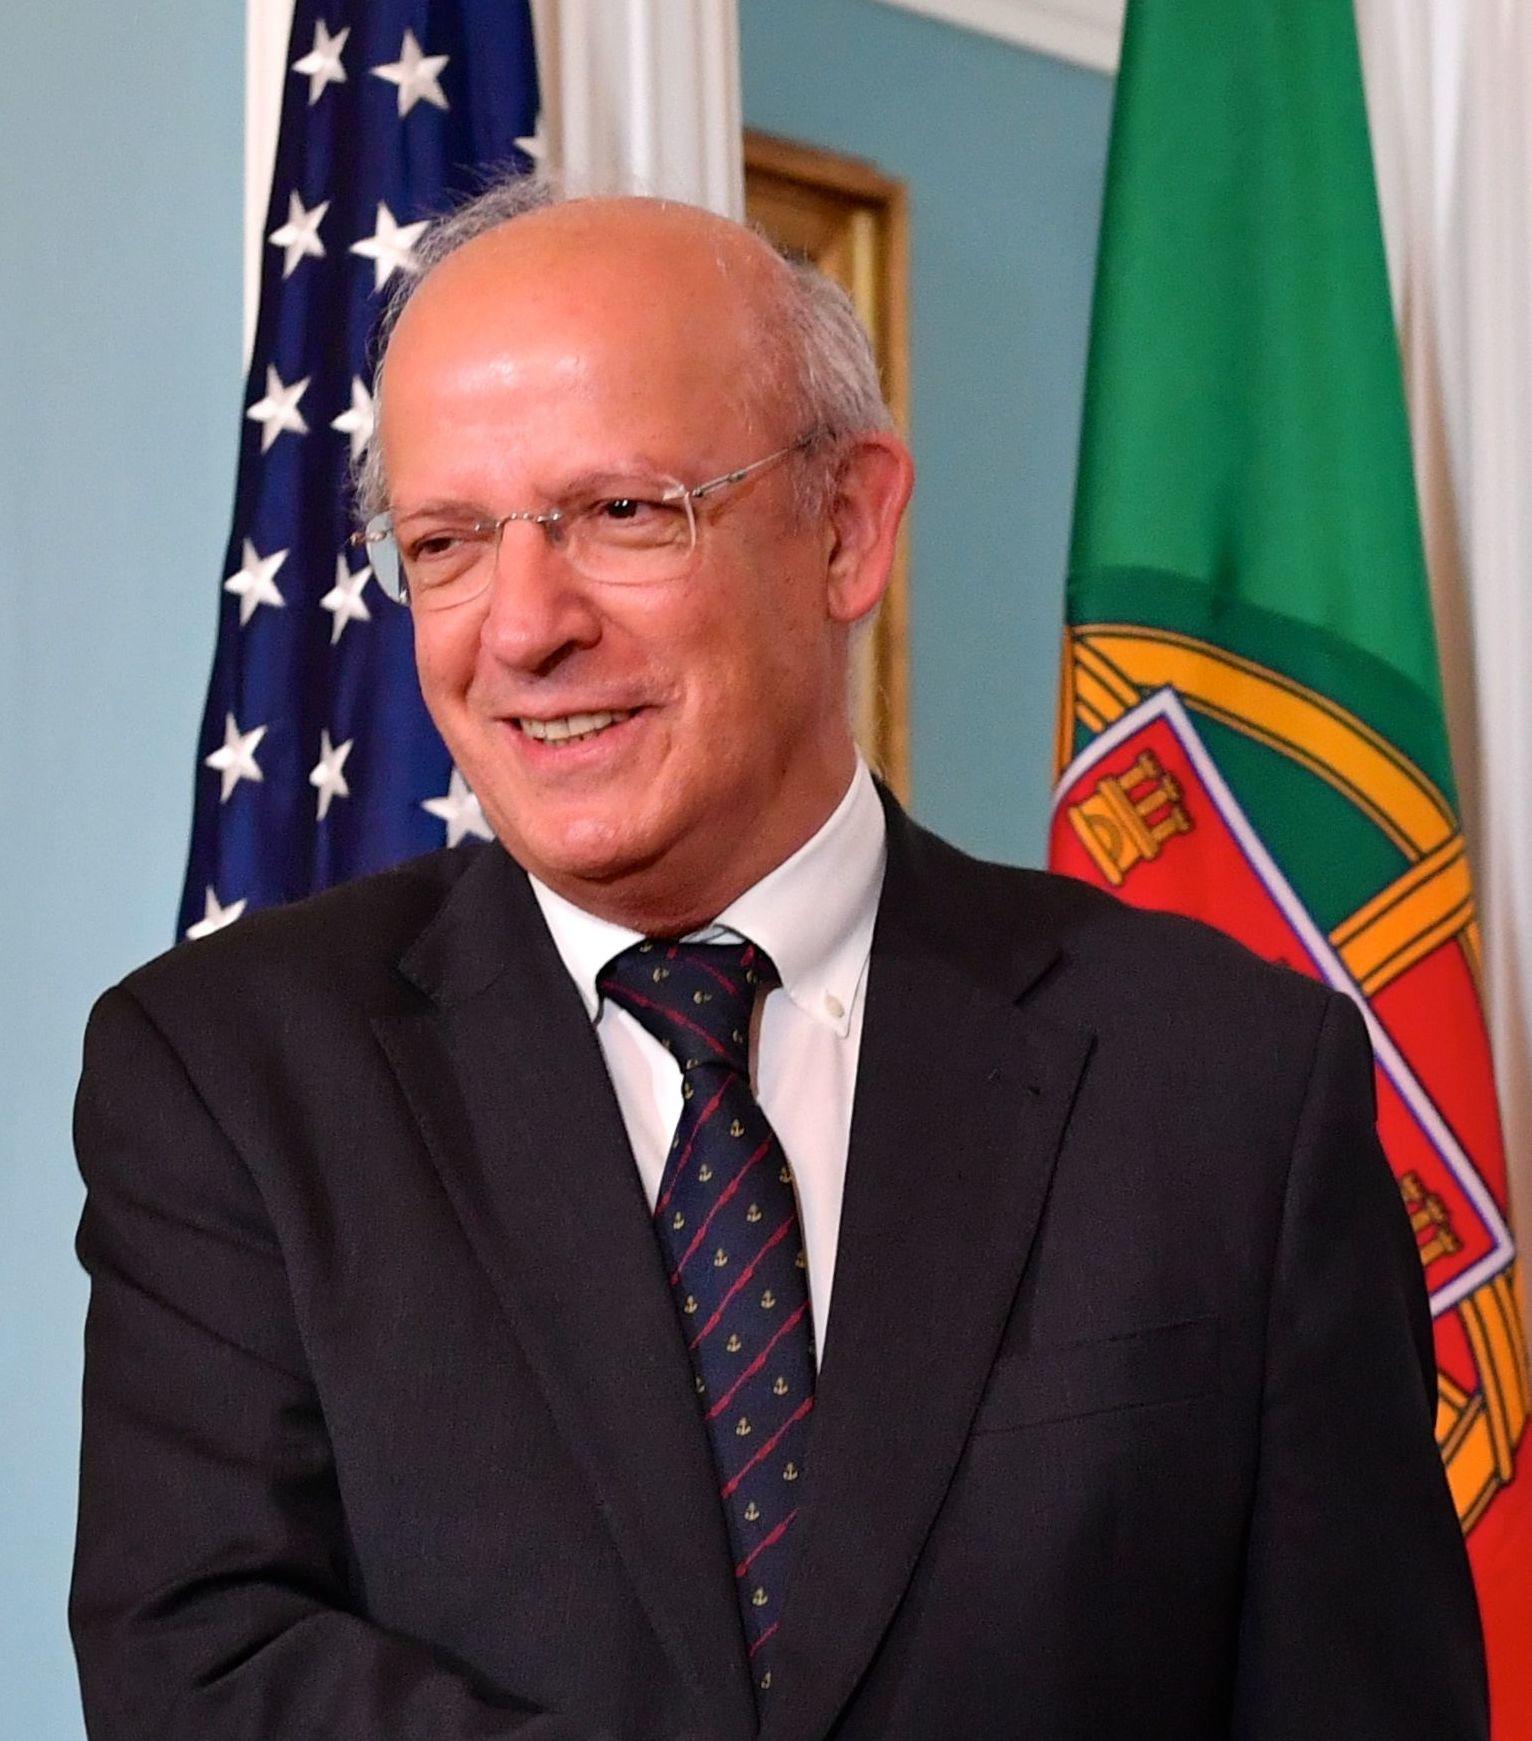 O ternurento encanto de Augusto Santos Silva pela política externa dos USA